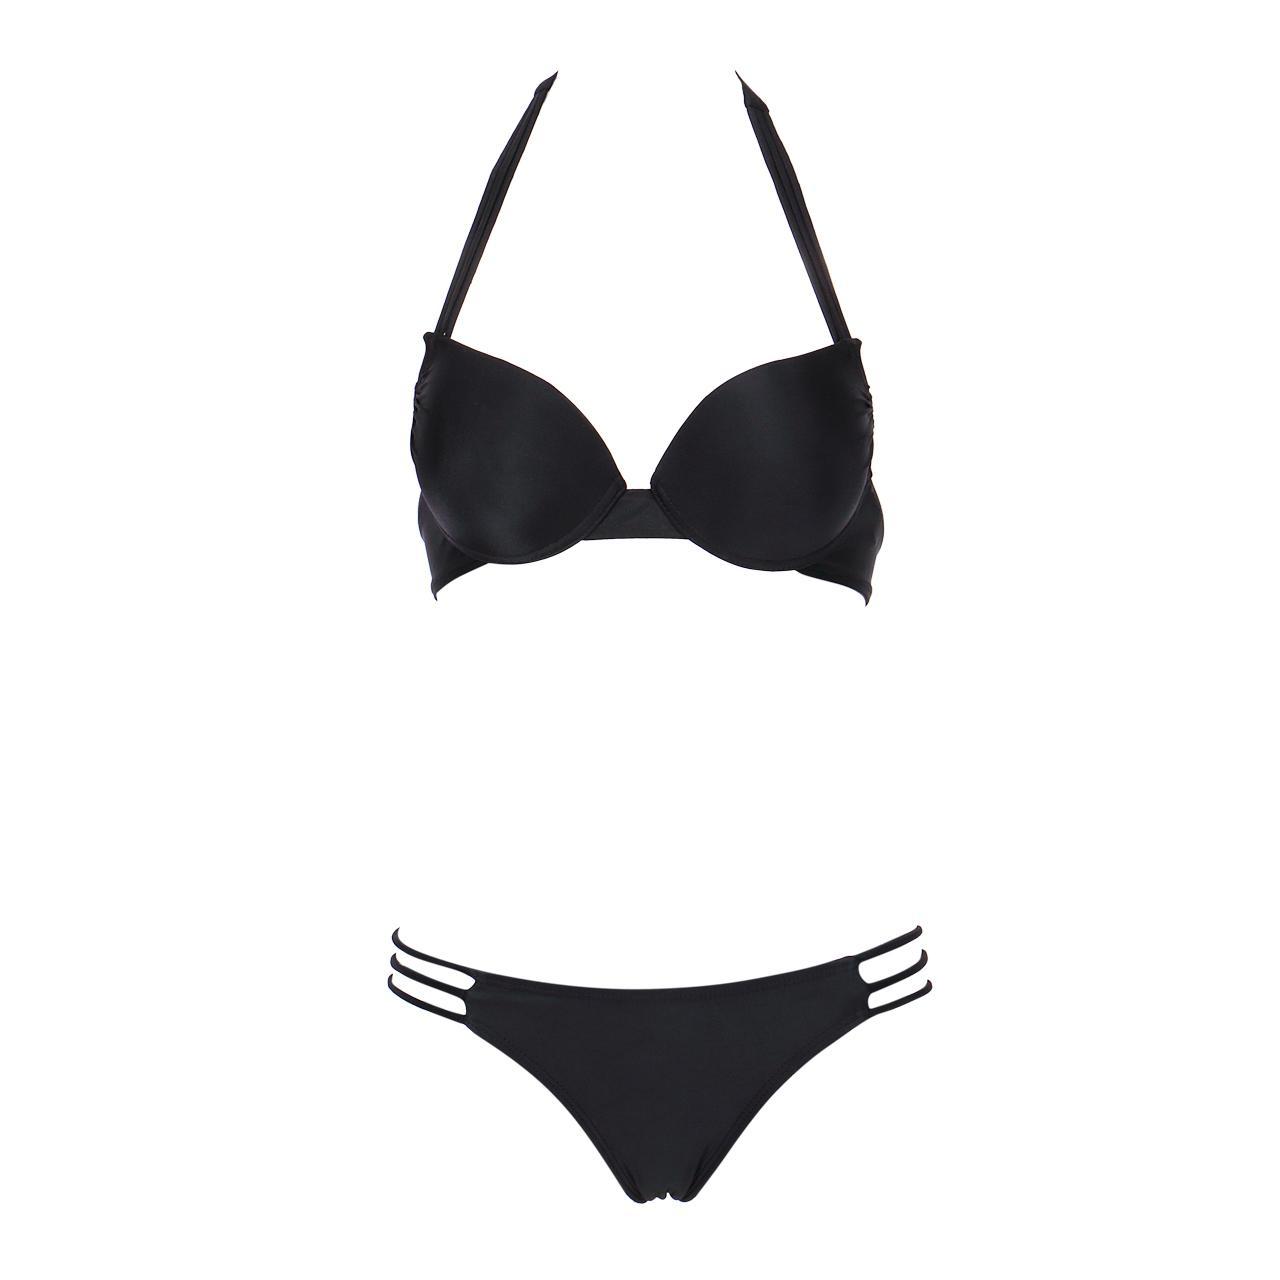 2017 femmes filles Maillots de bain push-up Soutien-gorge rembourré Bikinis Set maillot de bain Maillot de bain Maillots de bain Femme sexy Beachwear plage Ceinture Outwear